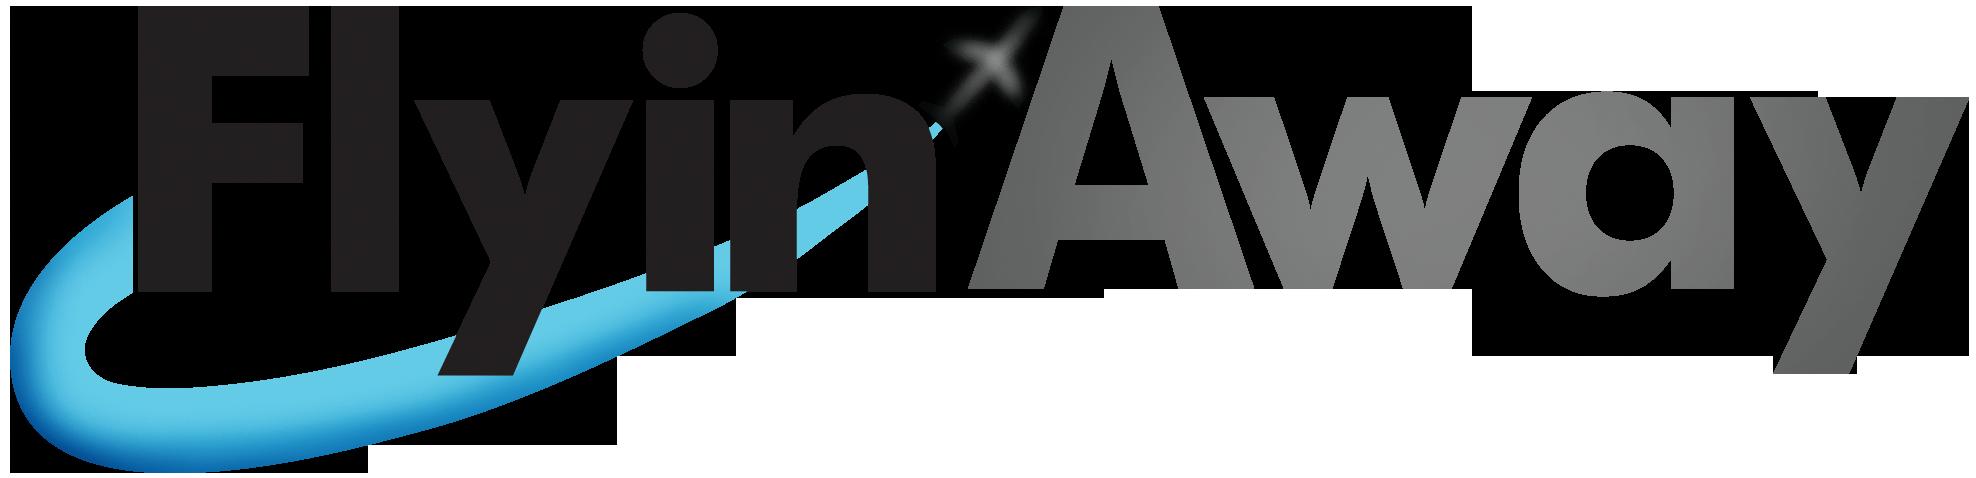 53d9787237577f5d574422e3_FlyinAway_logo_Trans.png